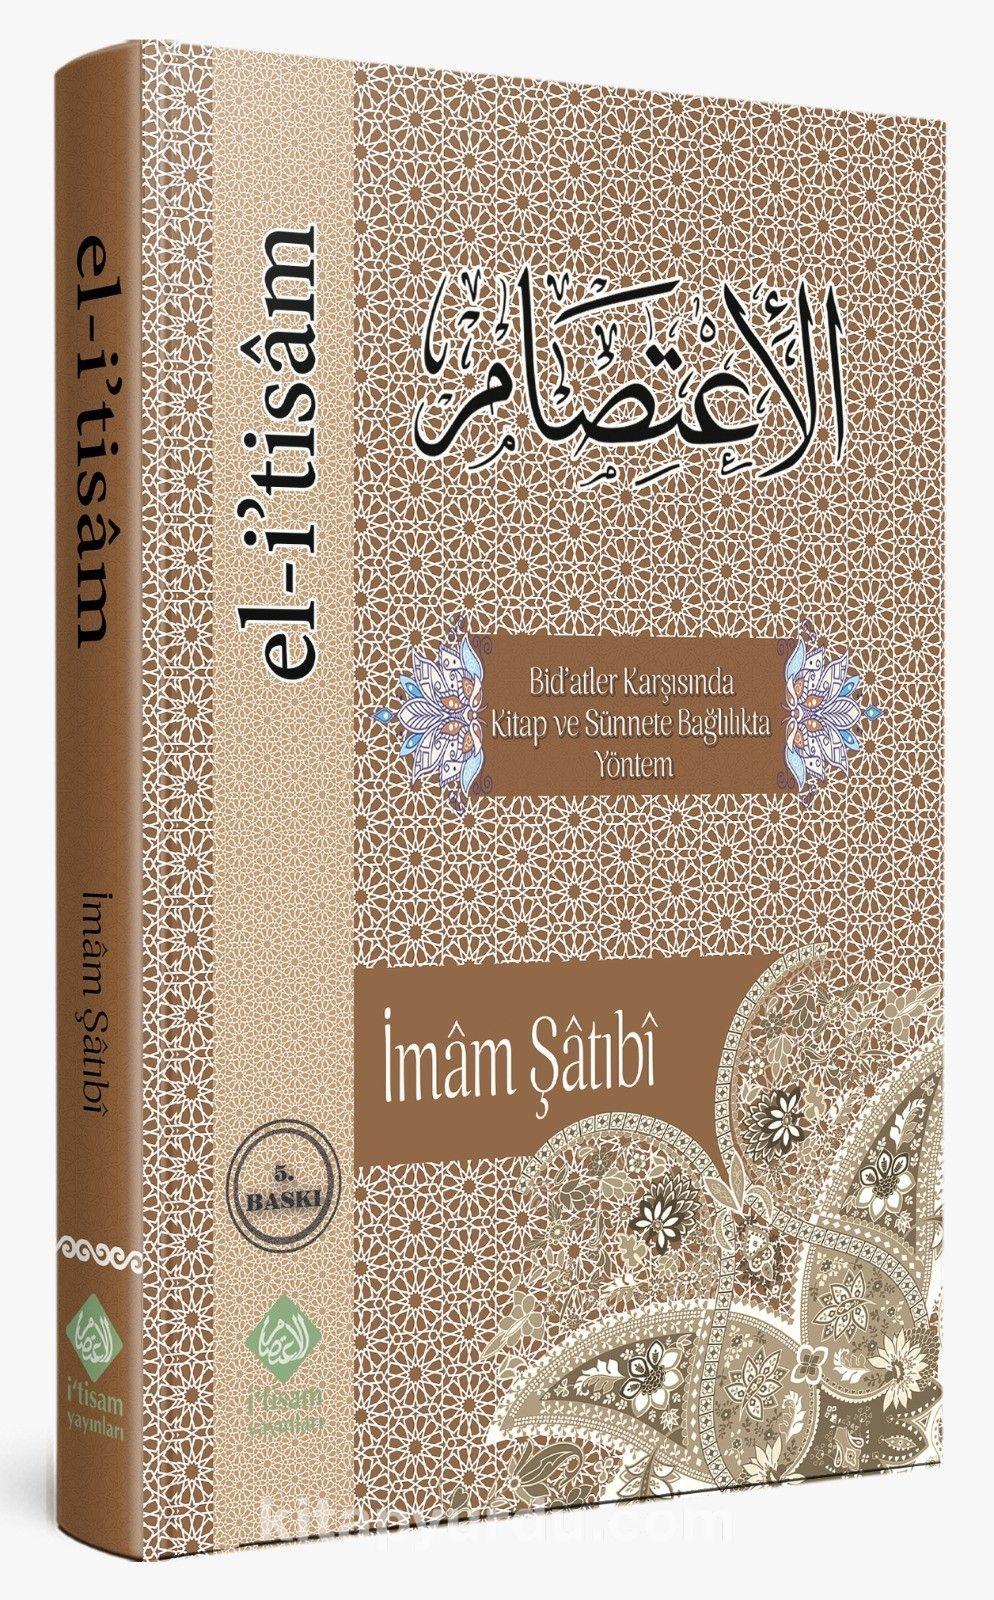 El i'tisam Bid'atler Karşısında Kitap ve Sünnete Bağlılıkta Yöntem - Şatıbi pdf epub